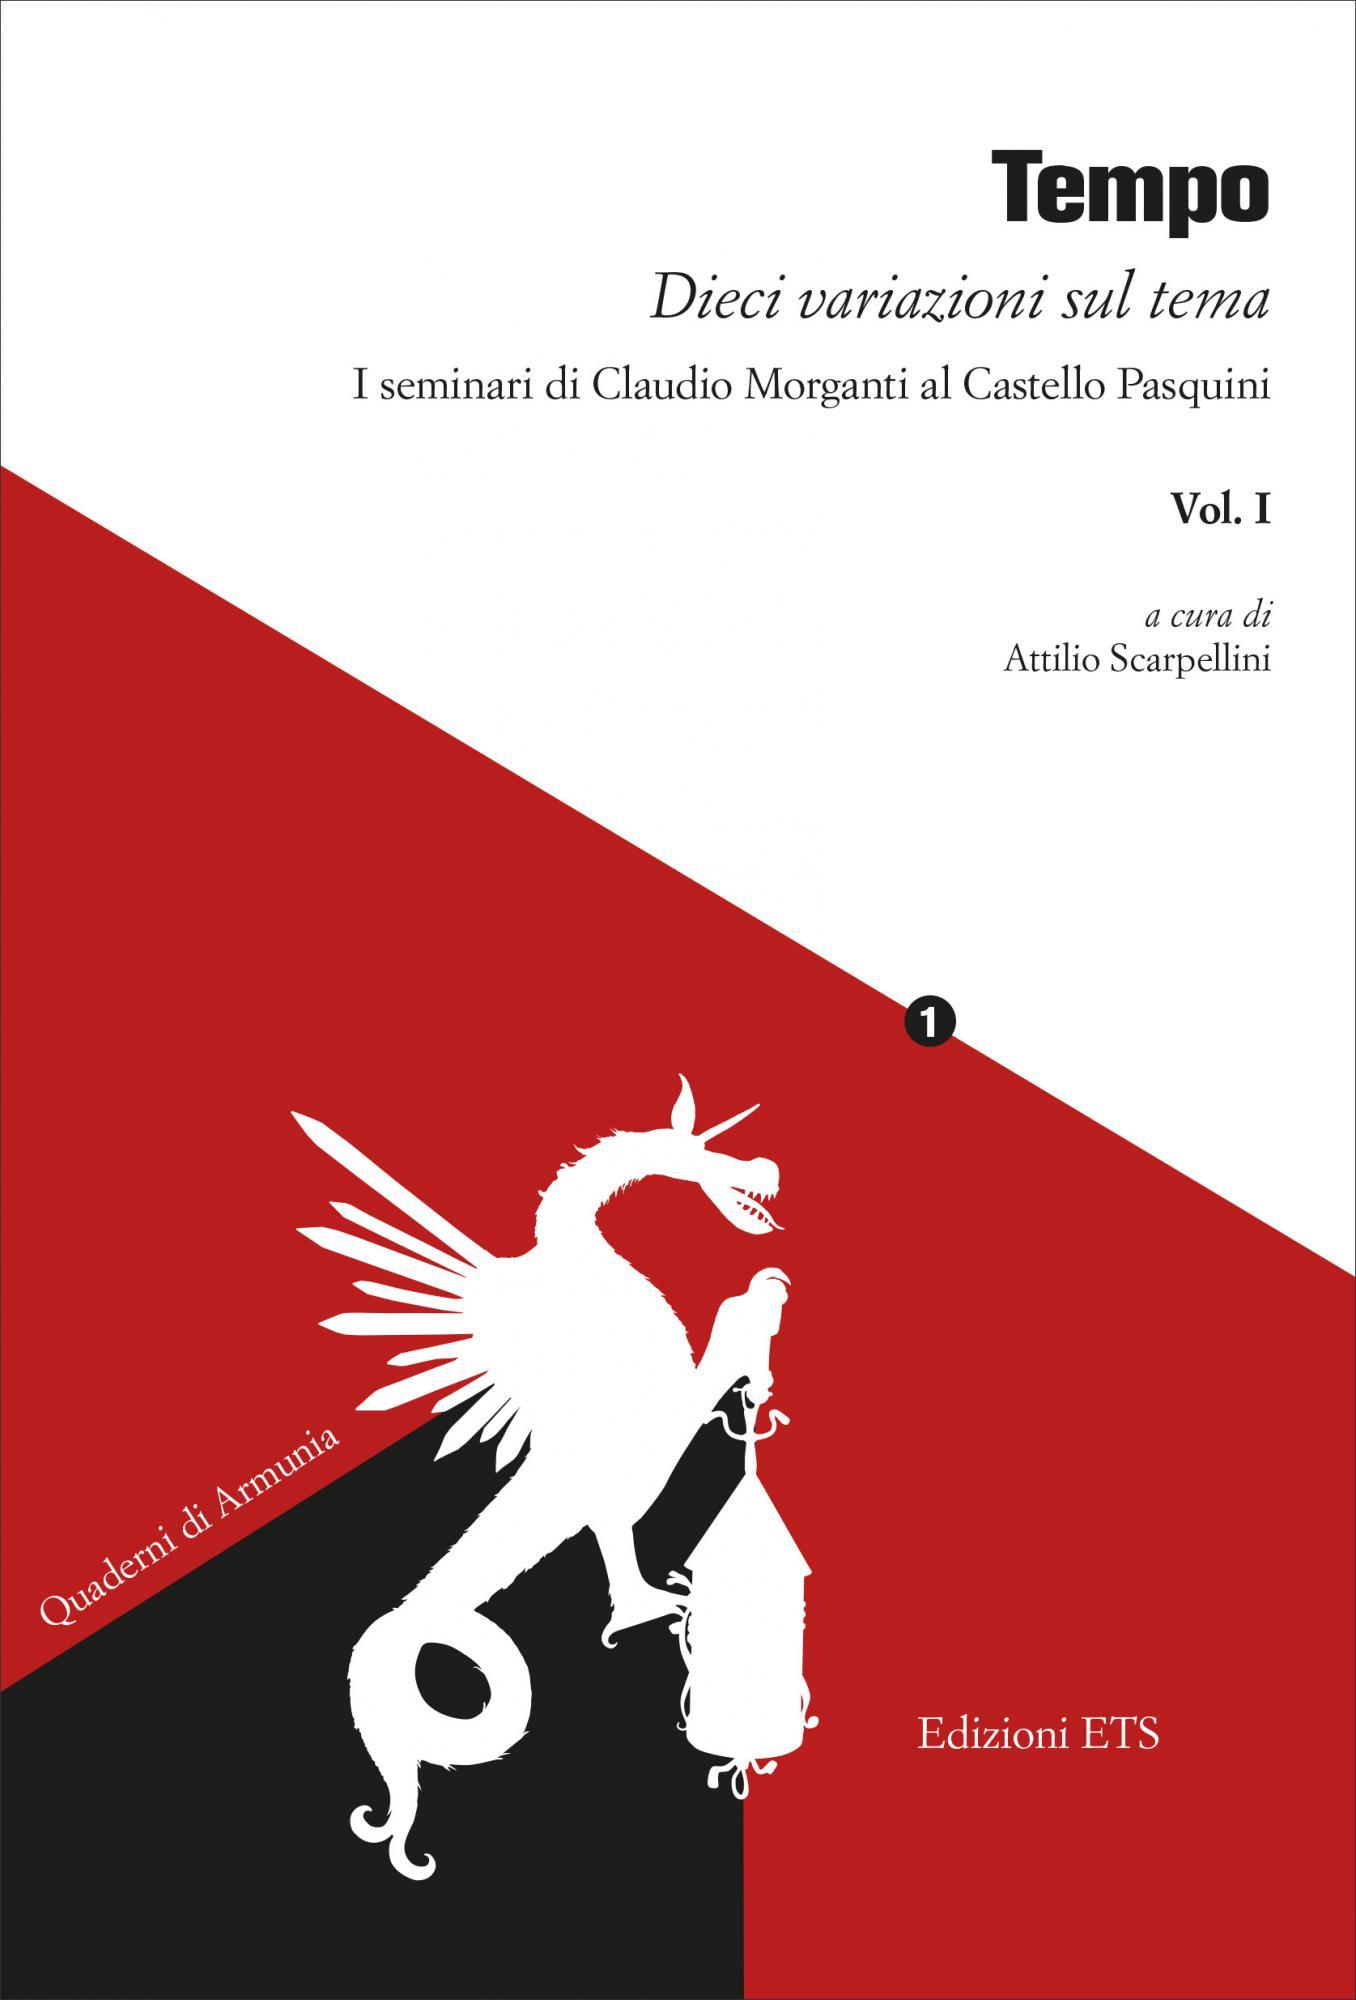 Tempo <br /><em>Dieci variazioni sul tema</em>.I seminari di Claudio Morgantial Castello Pasquini - Vol. I